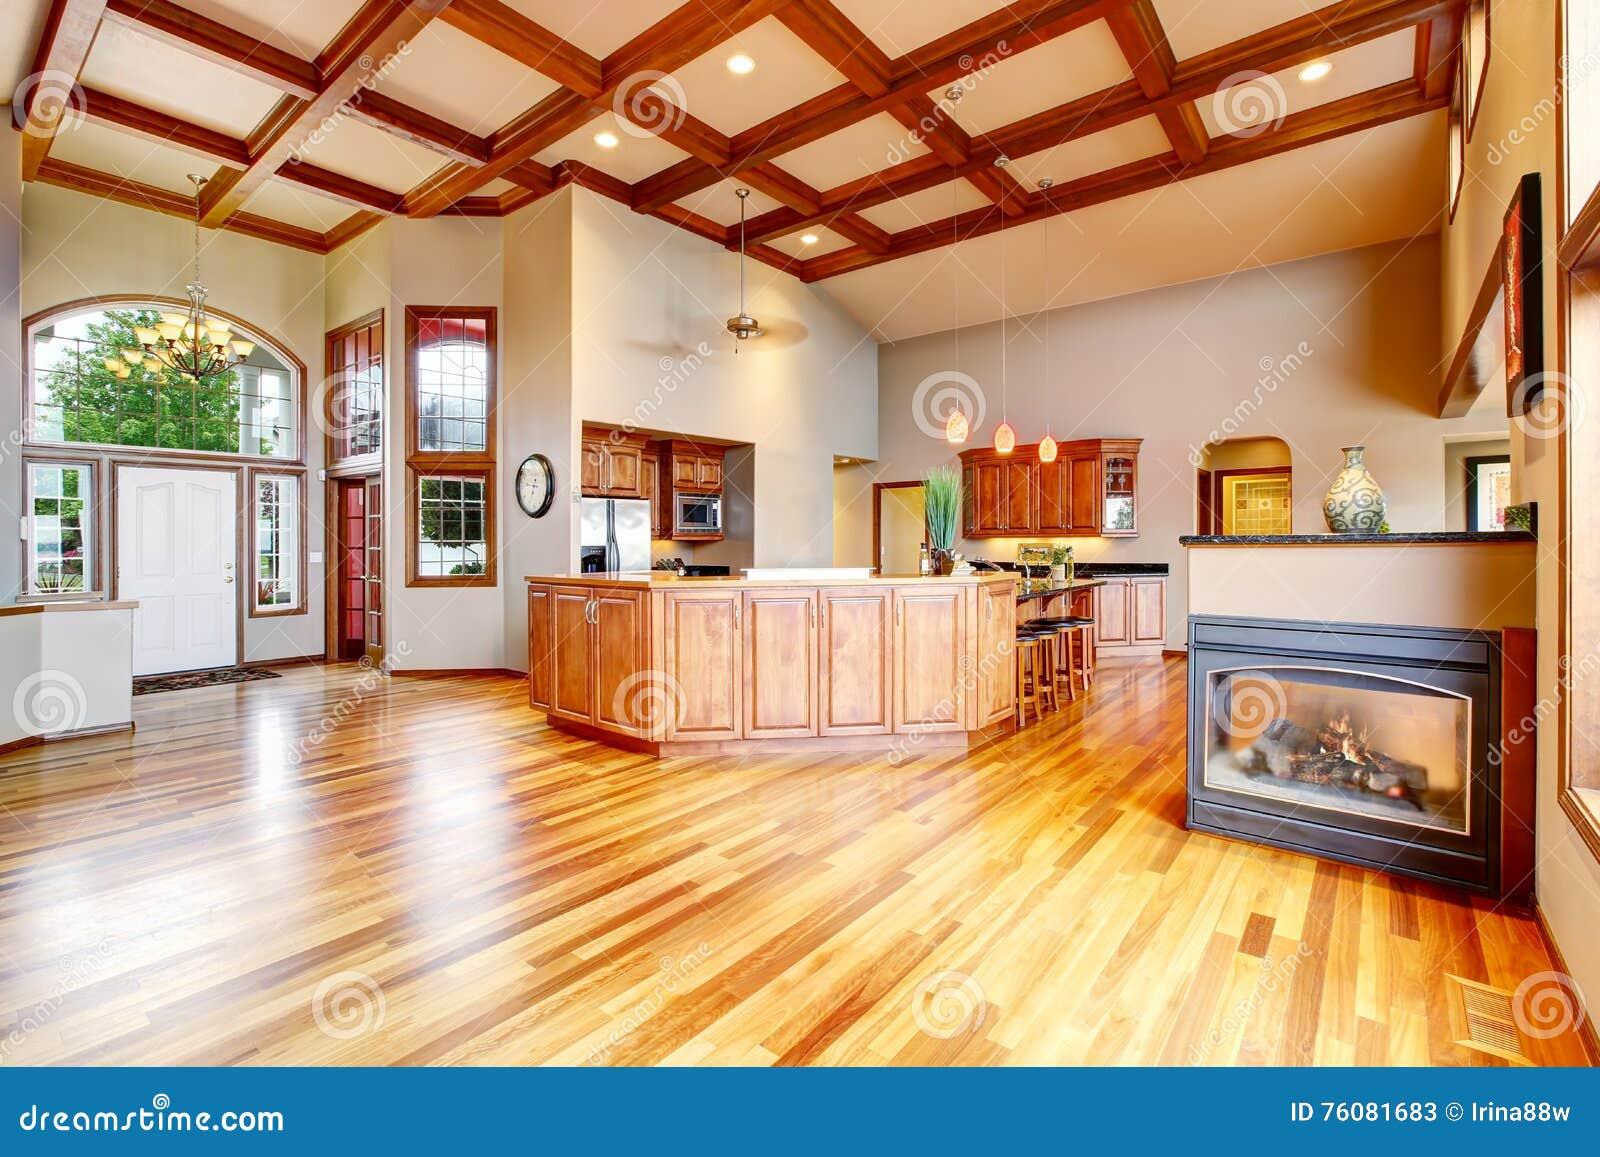 Cucina e salone con il pavimento di legno duro porta di entrata bianca immagine stock - Cucina bianca e legno ...